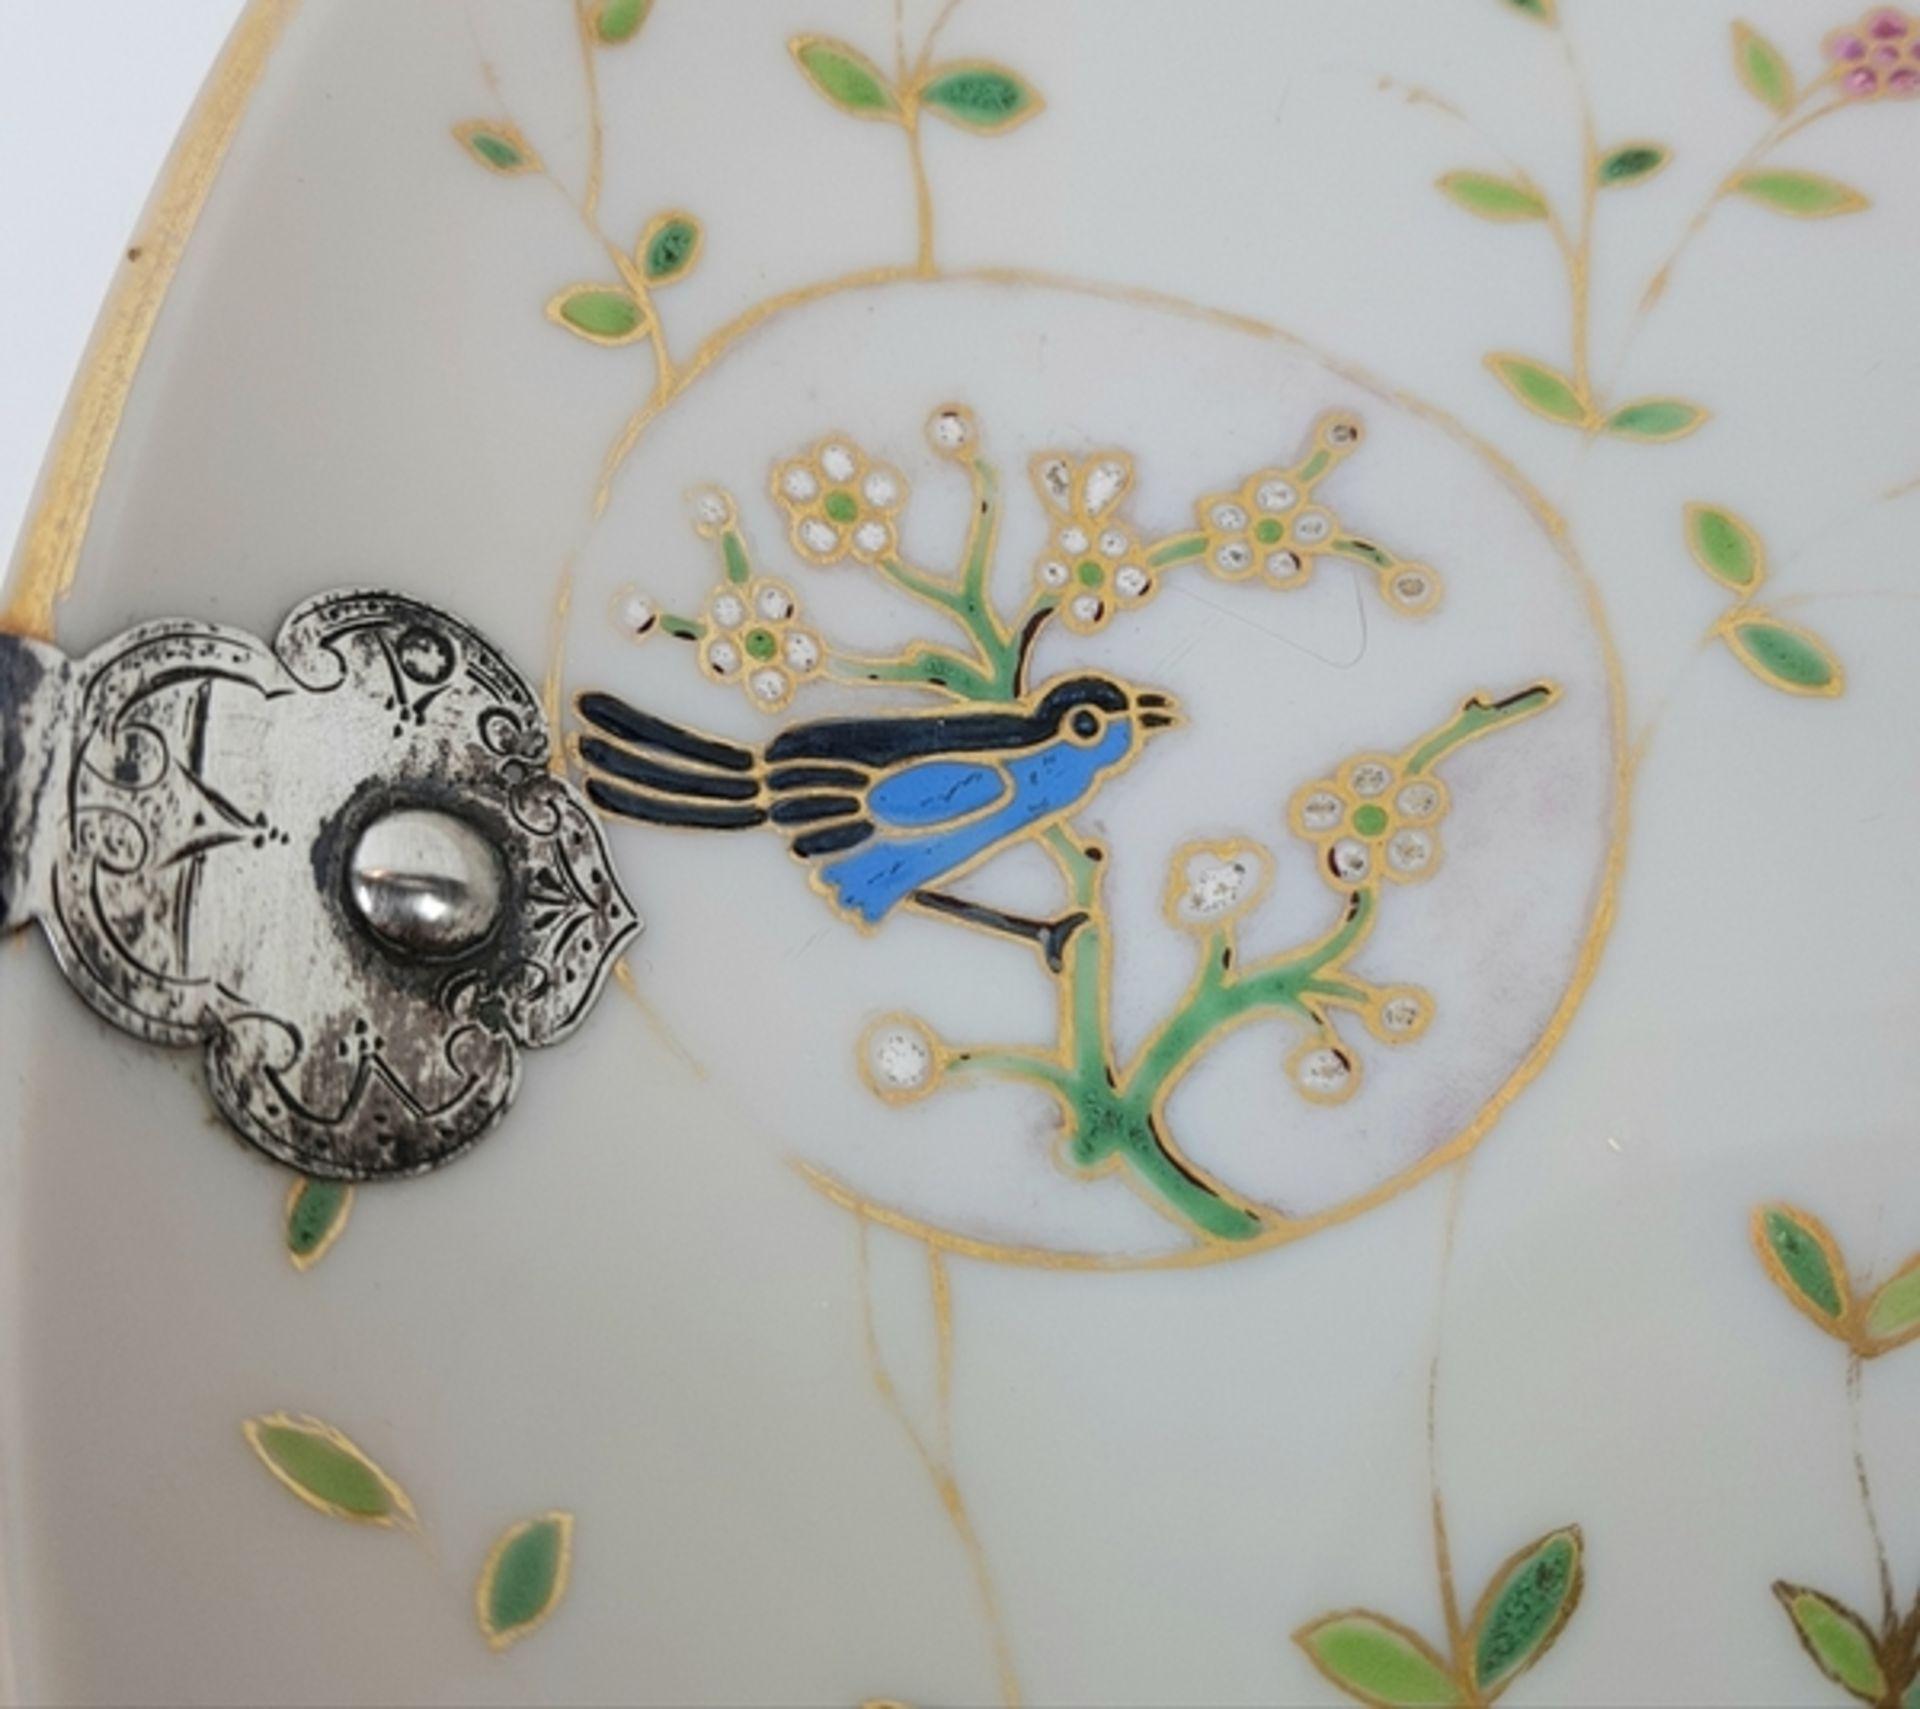 (Antiek) Serveerschaal met zilveren hengselBeschilderde opaline schaal met zilveren hengsel, ci - Image 4 of 8